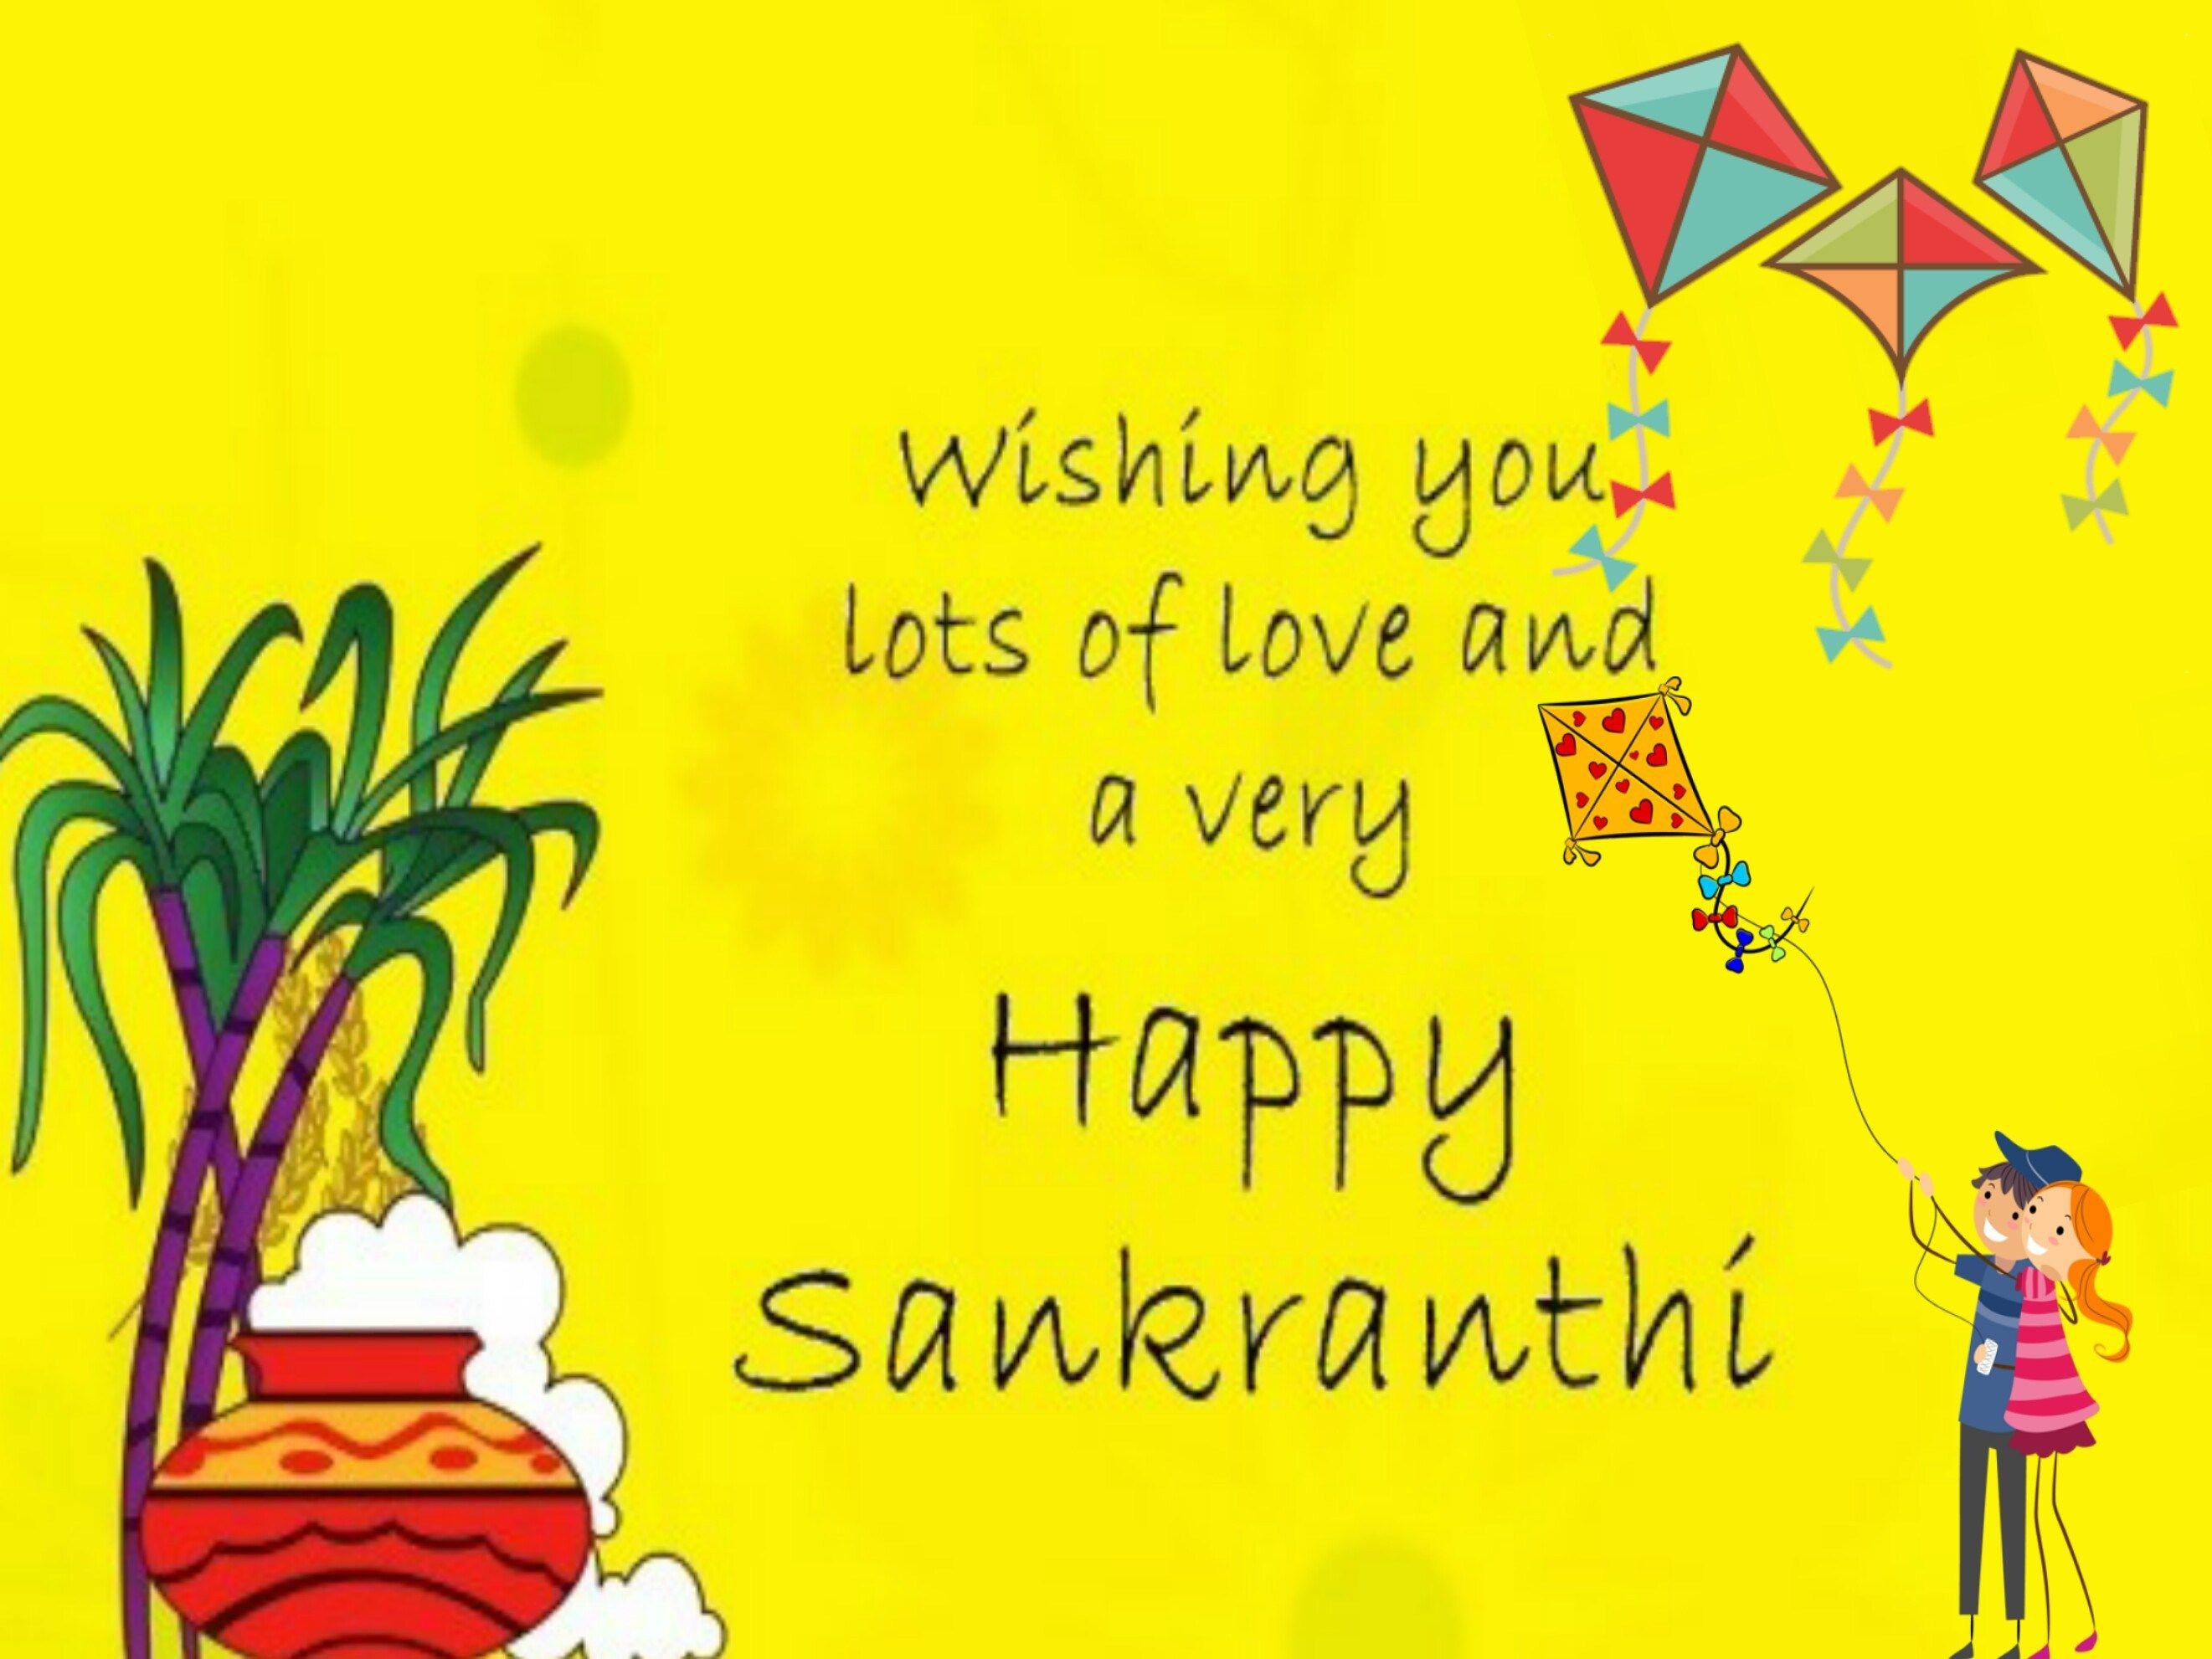 Sankranti Images Free Download Makar Sankranti In English